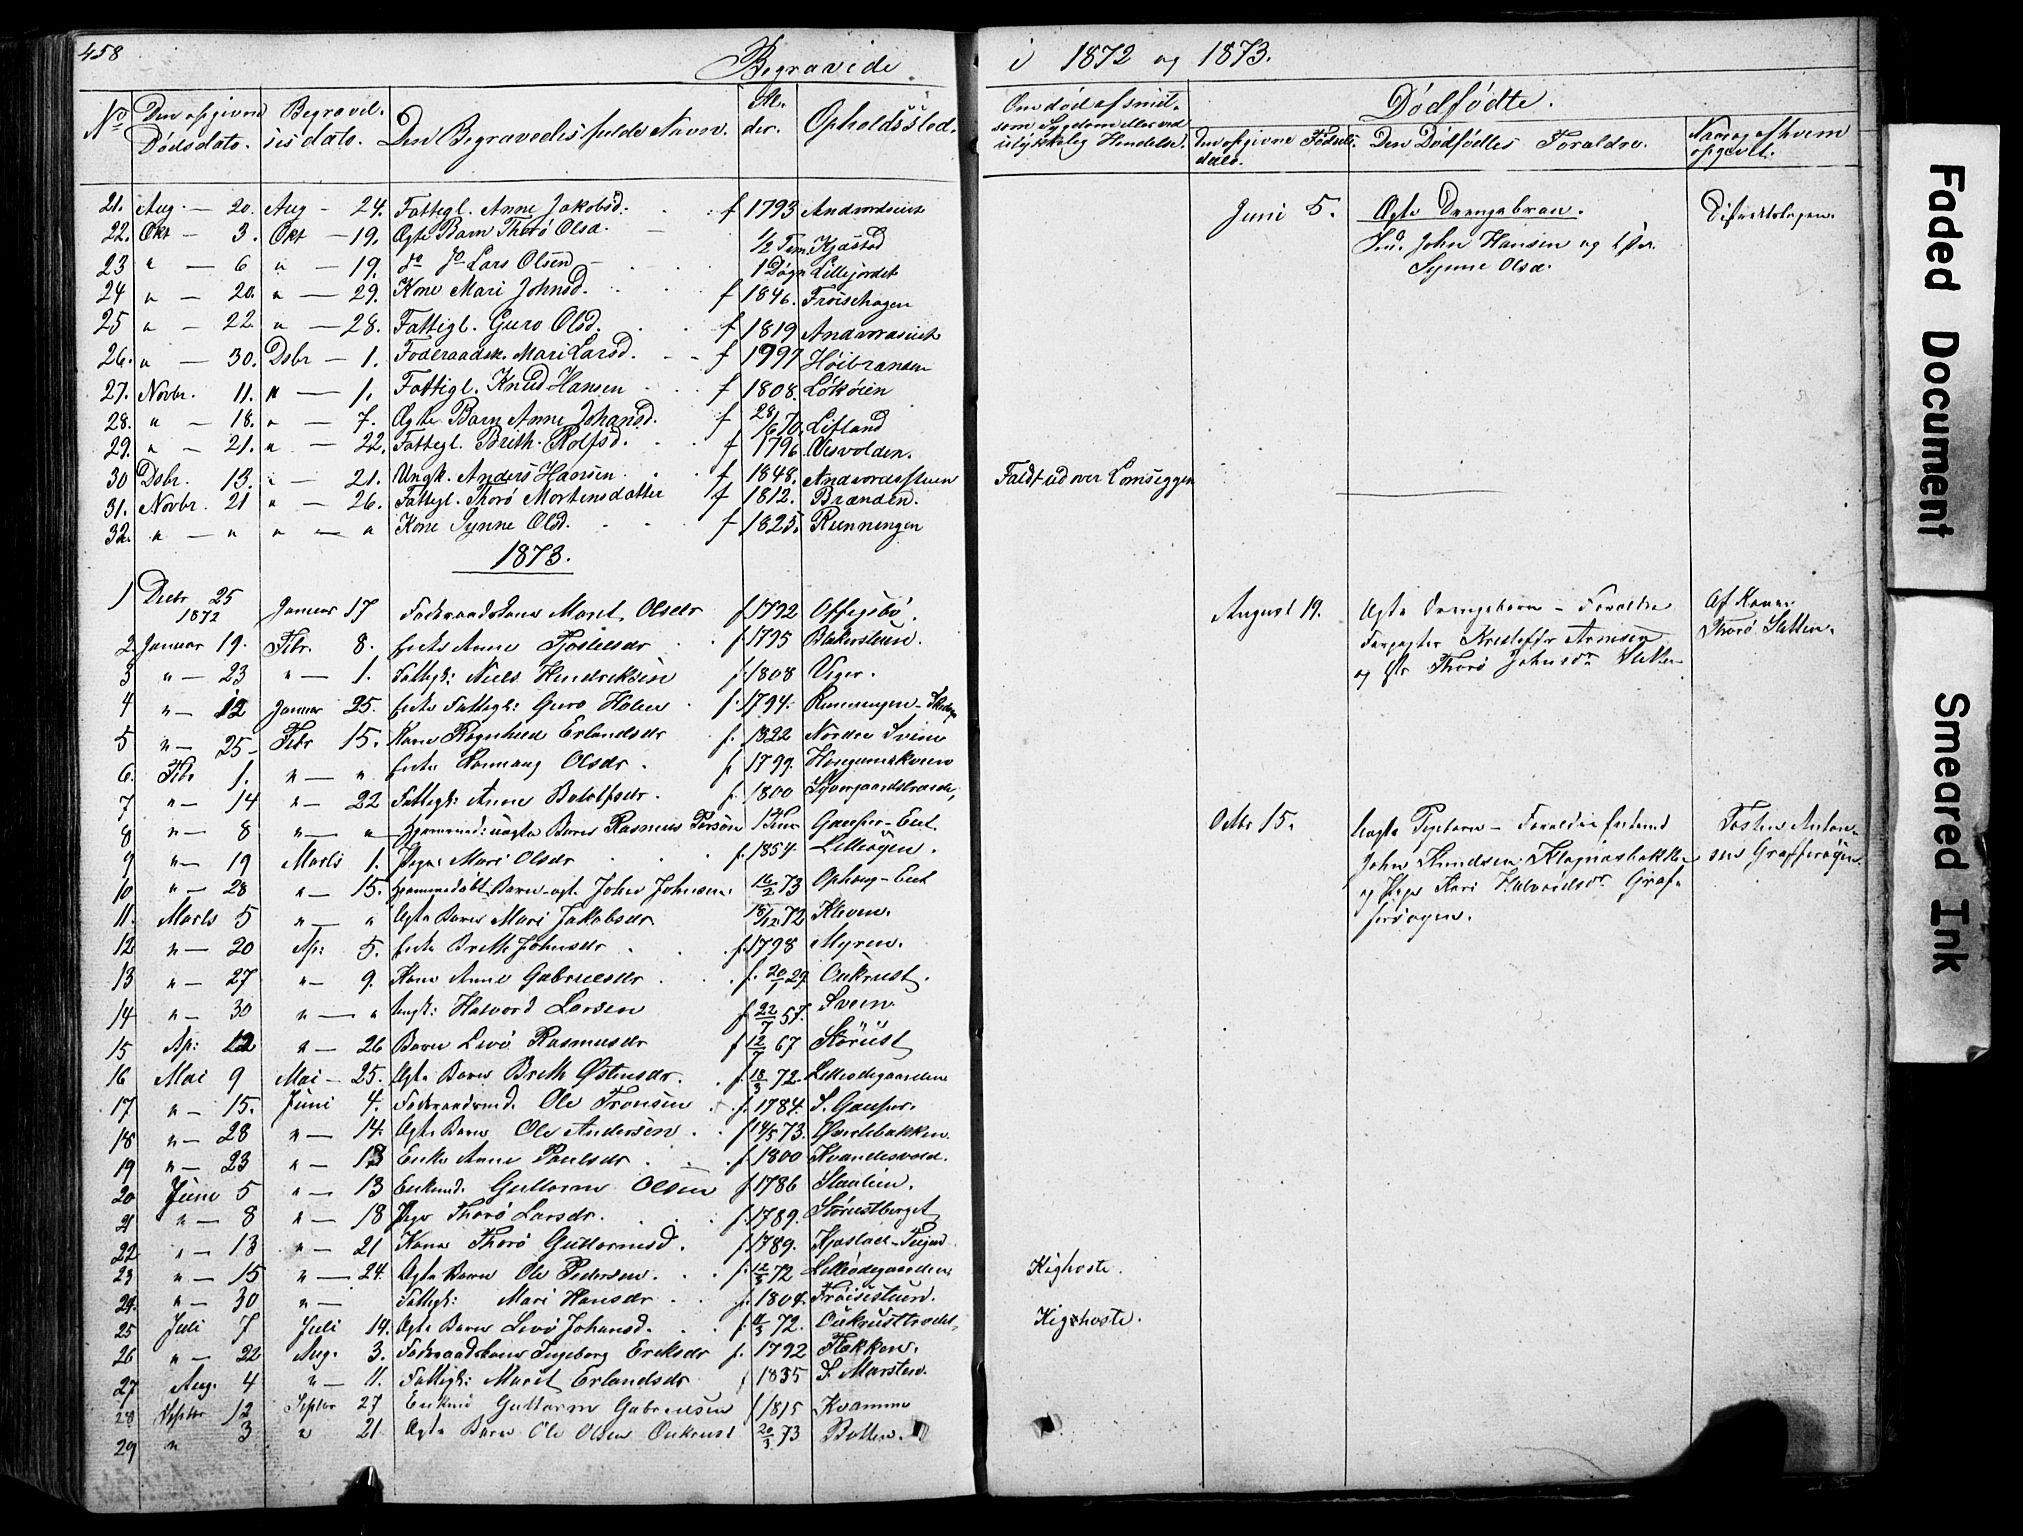 SAH, Lom prestekontor, L/L0012: Klokkerbok nr. 12, 1845-1873, s. 458-459